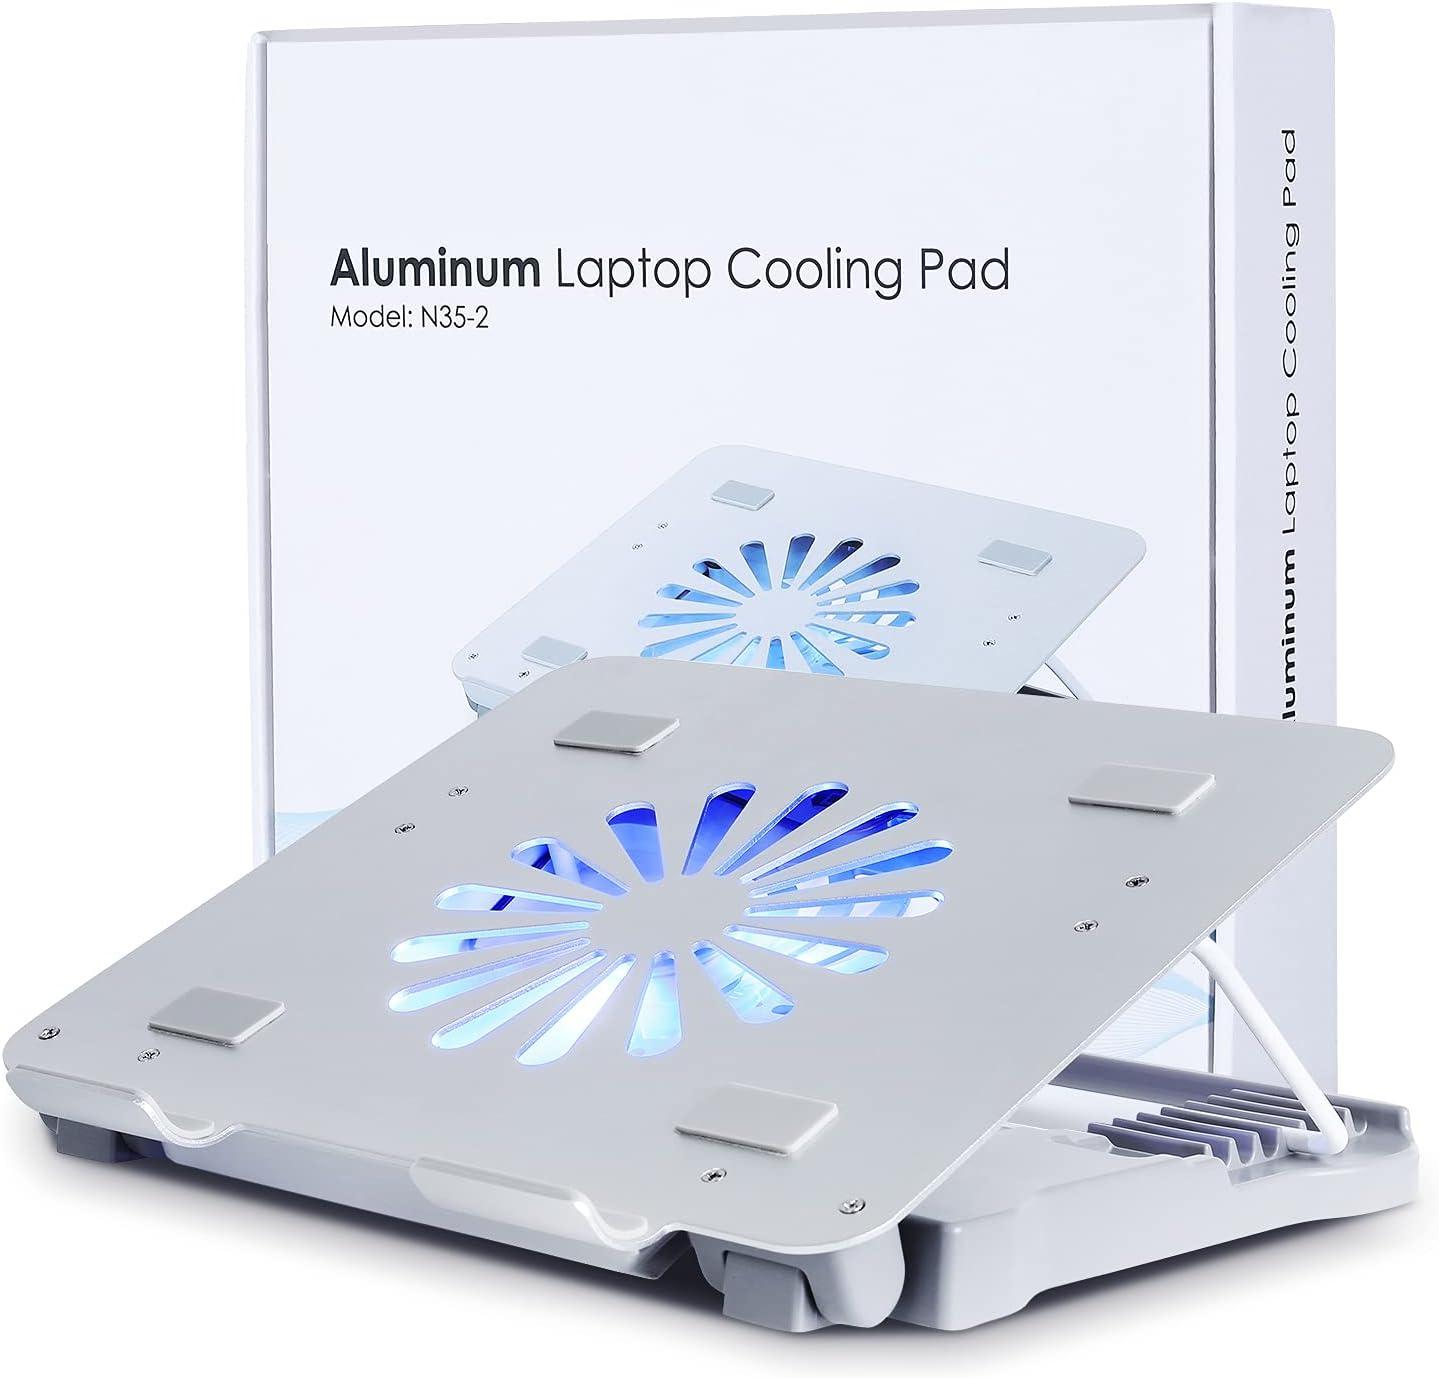 Base de refrigeración para portátil con ventilador, de aluminio para ordenador portátil de 17 pulgadas, luz LED azul, dos puertos USB, color plateado